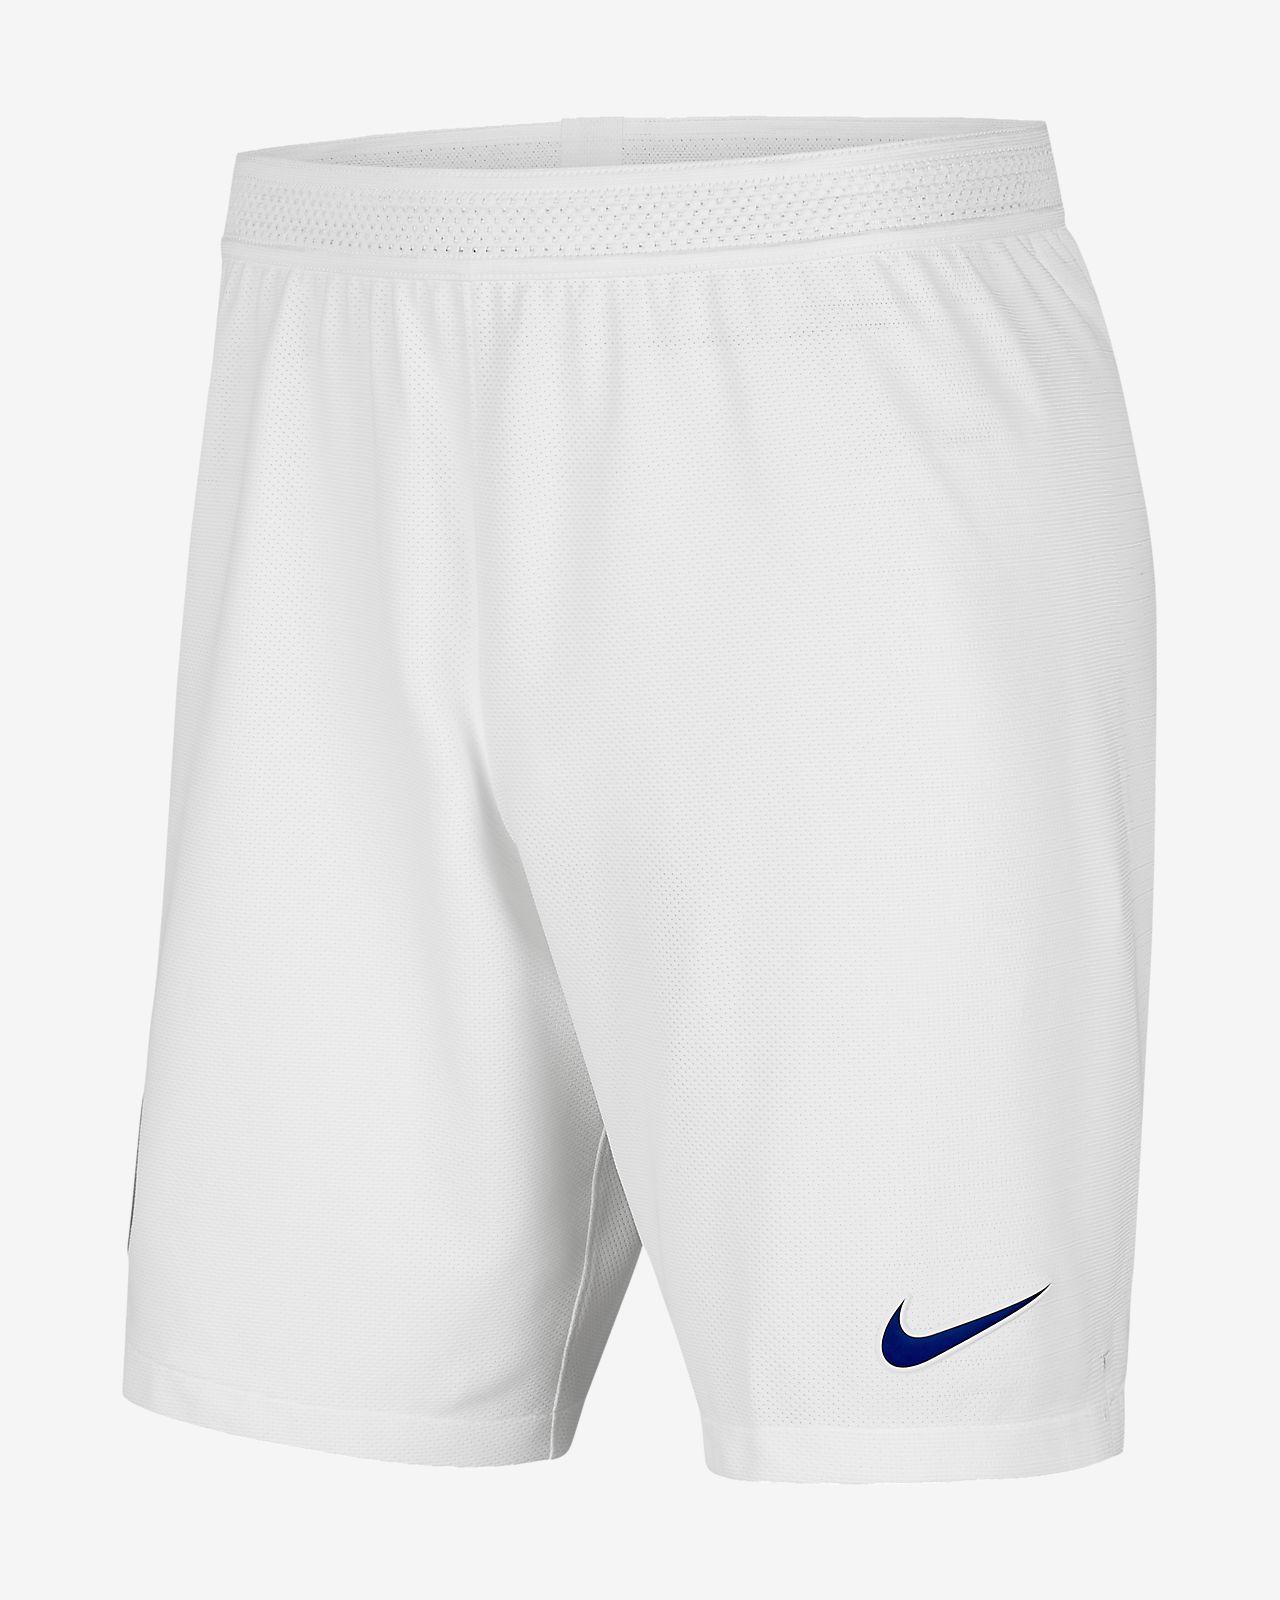 Chelsea FC 2019/20 Vapor Match Home/Away Pantalón corto de fútbol - Hombre